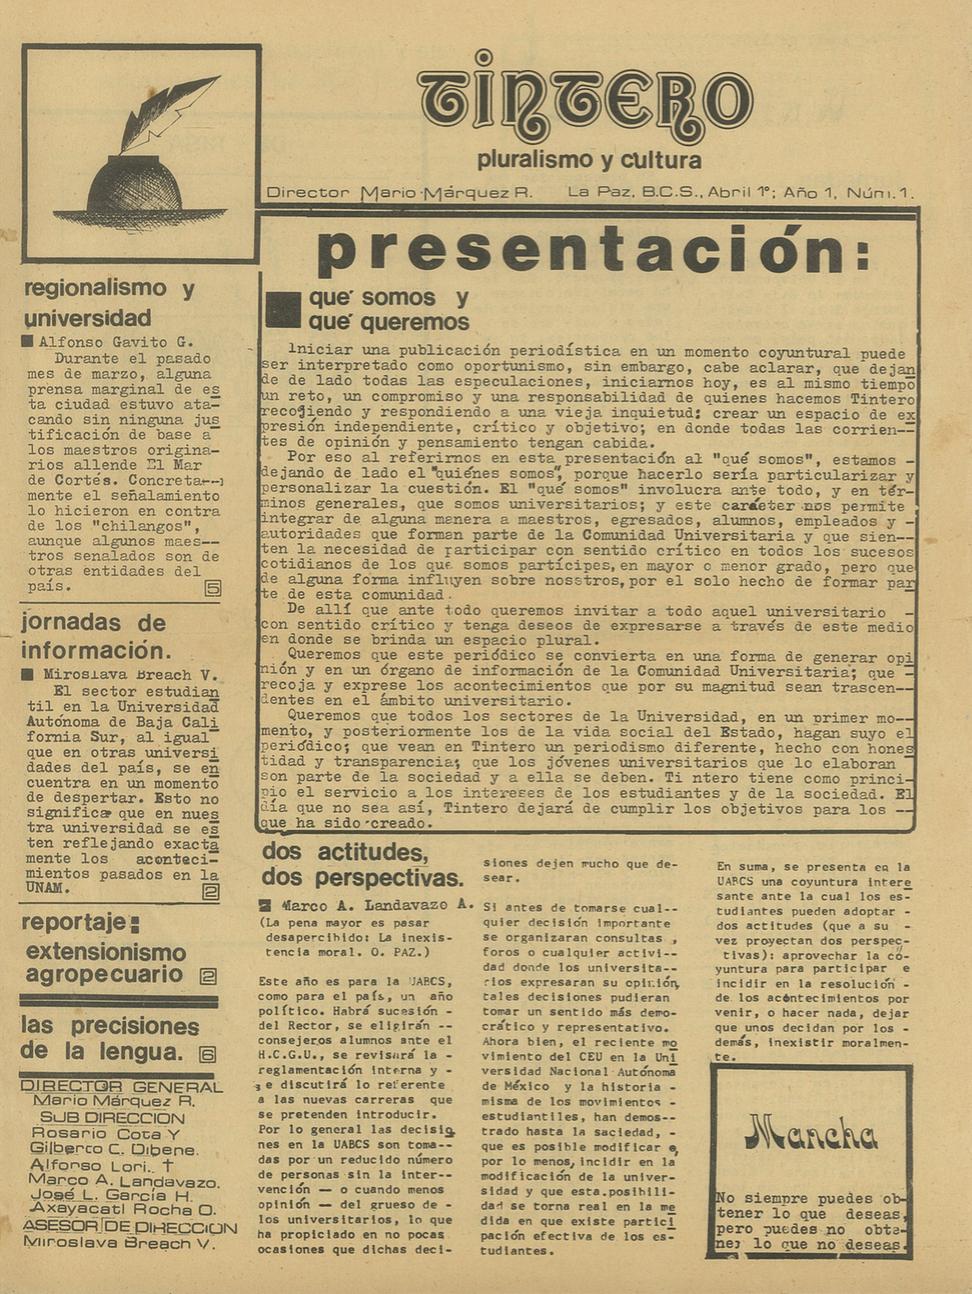 12. Periódico de la Universidad Autónoma de Baja California Sur en donde publicaba Miroslava Breach cuando estudiaba la Lic. en Ciencias Políticas. De Familia Breach Velducea